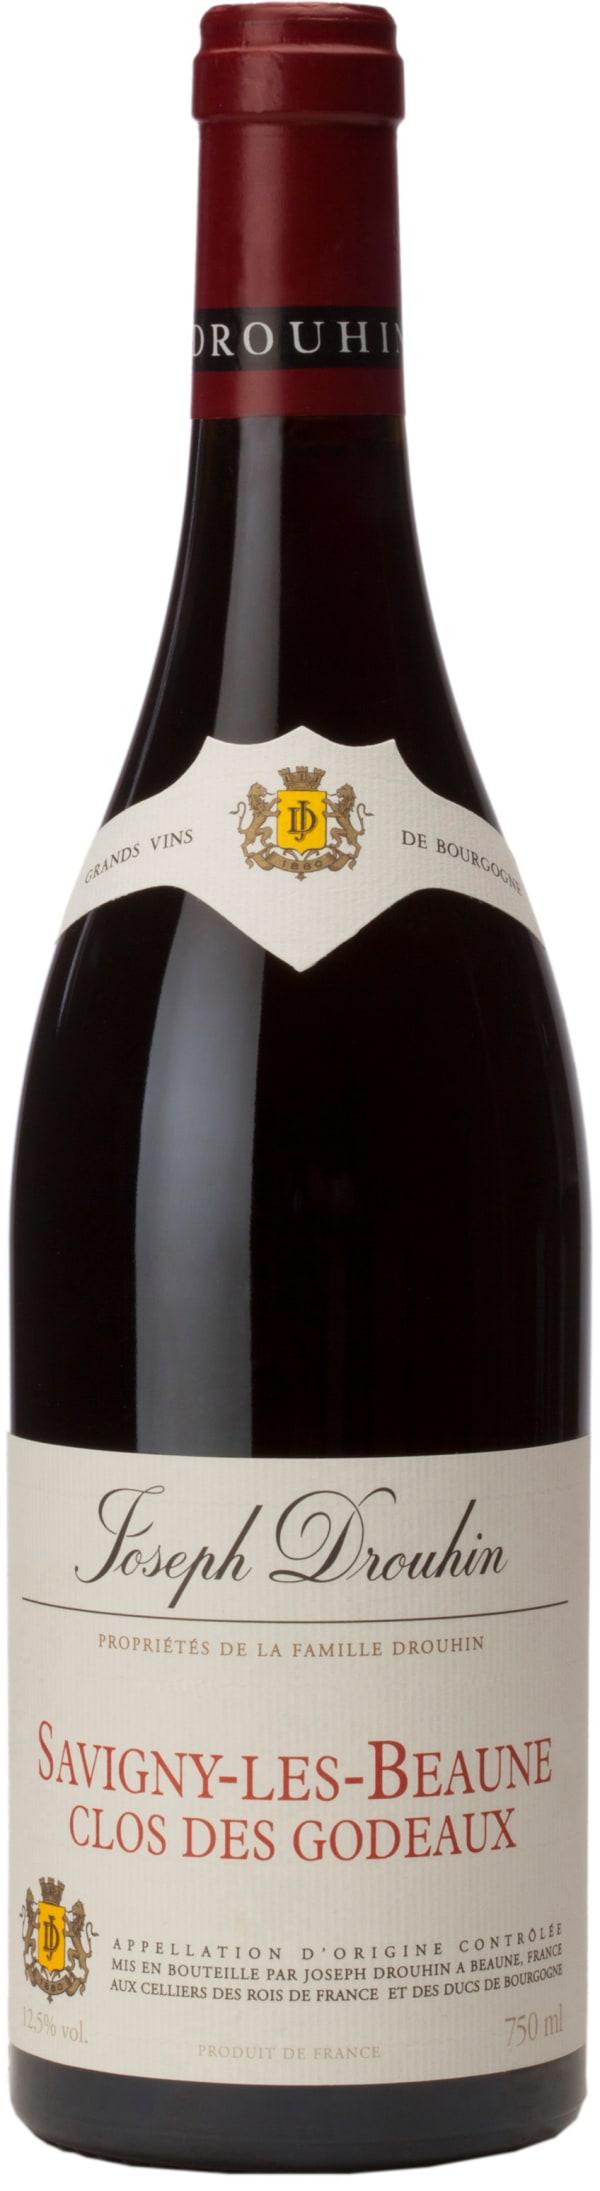 Joseph Drouhin Savigny-Les-Beaune Clos des Godeaux 2015